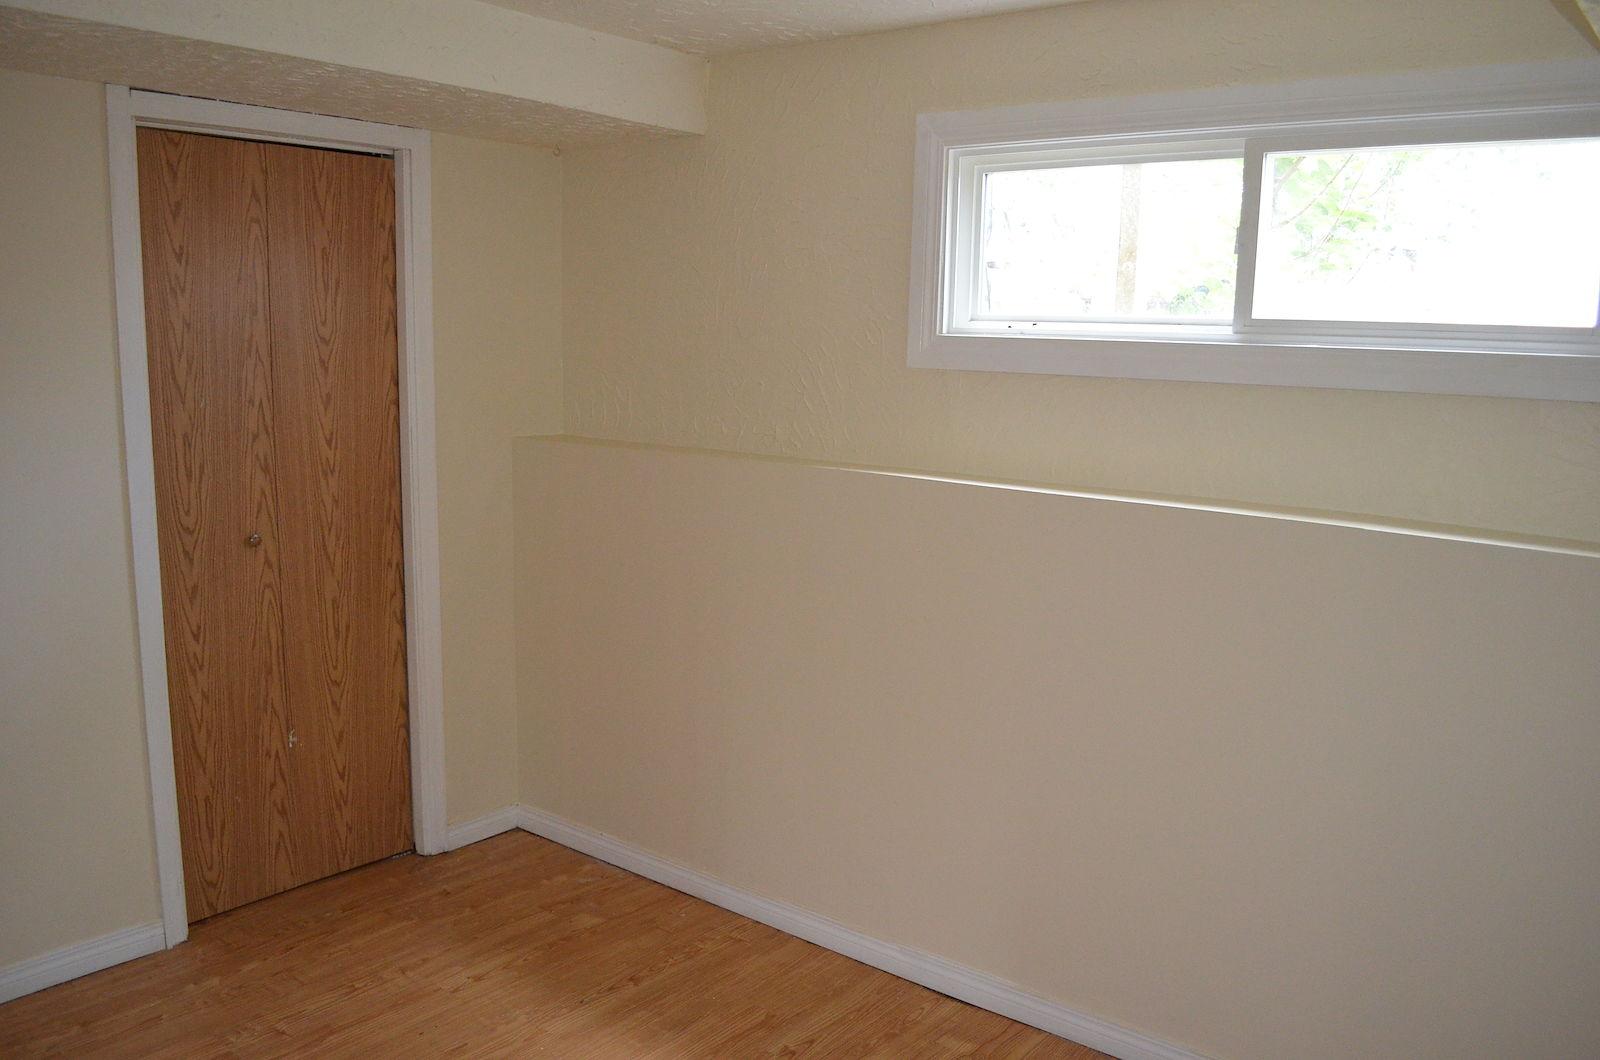 below is gallery of 2 bedroom basement for rent hope you enjoy it